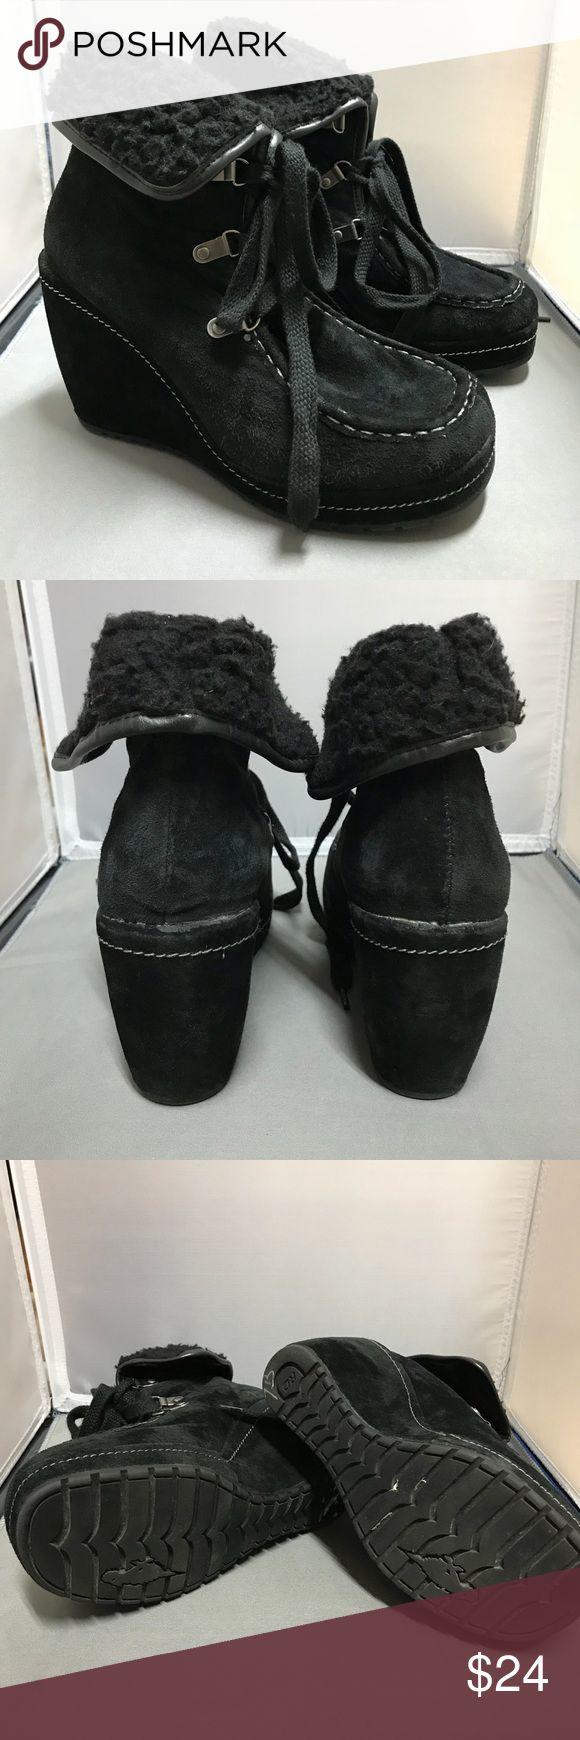 Rocket Dog black suede wedge sz 7 Rocket Dog black suede wedge size 7.  Like new condition. Rocket Dog Shoes Wedges